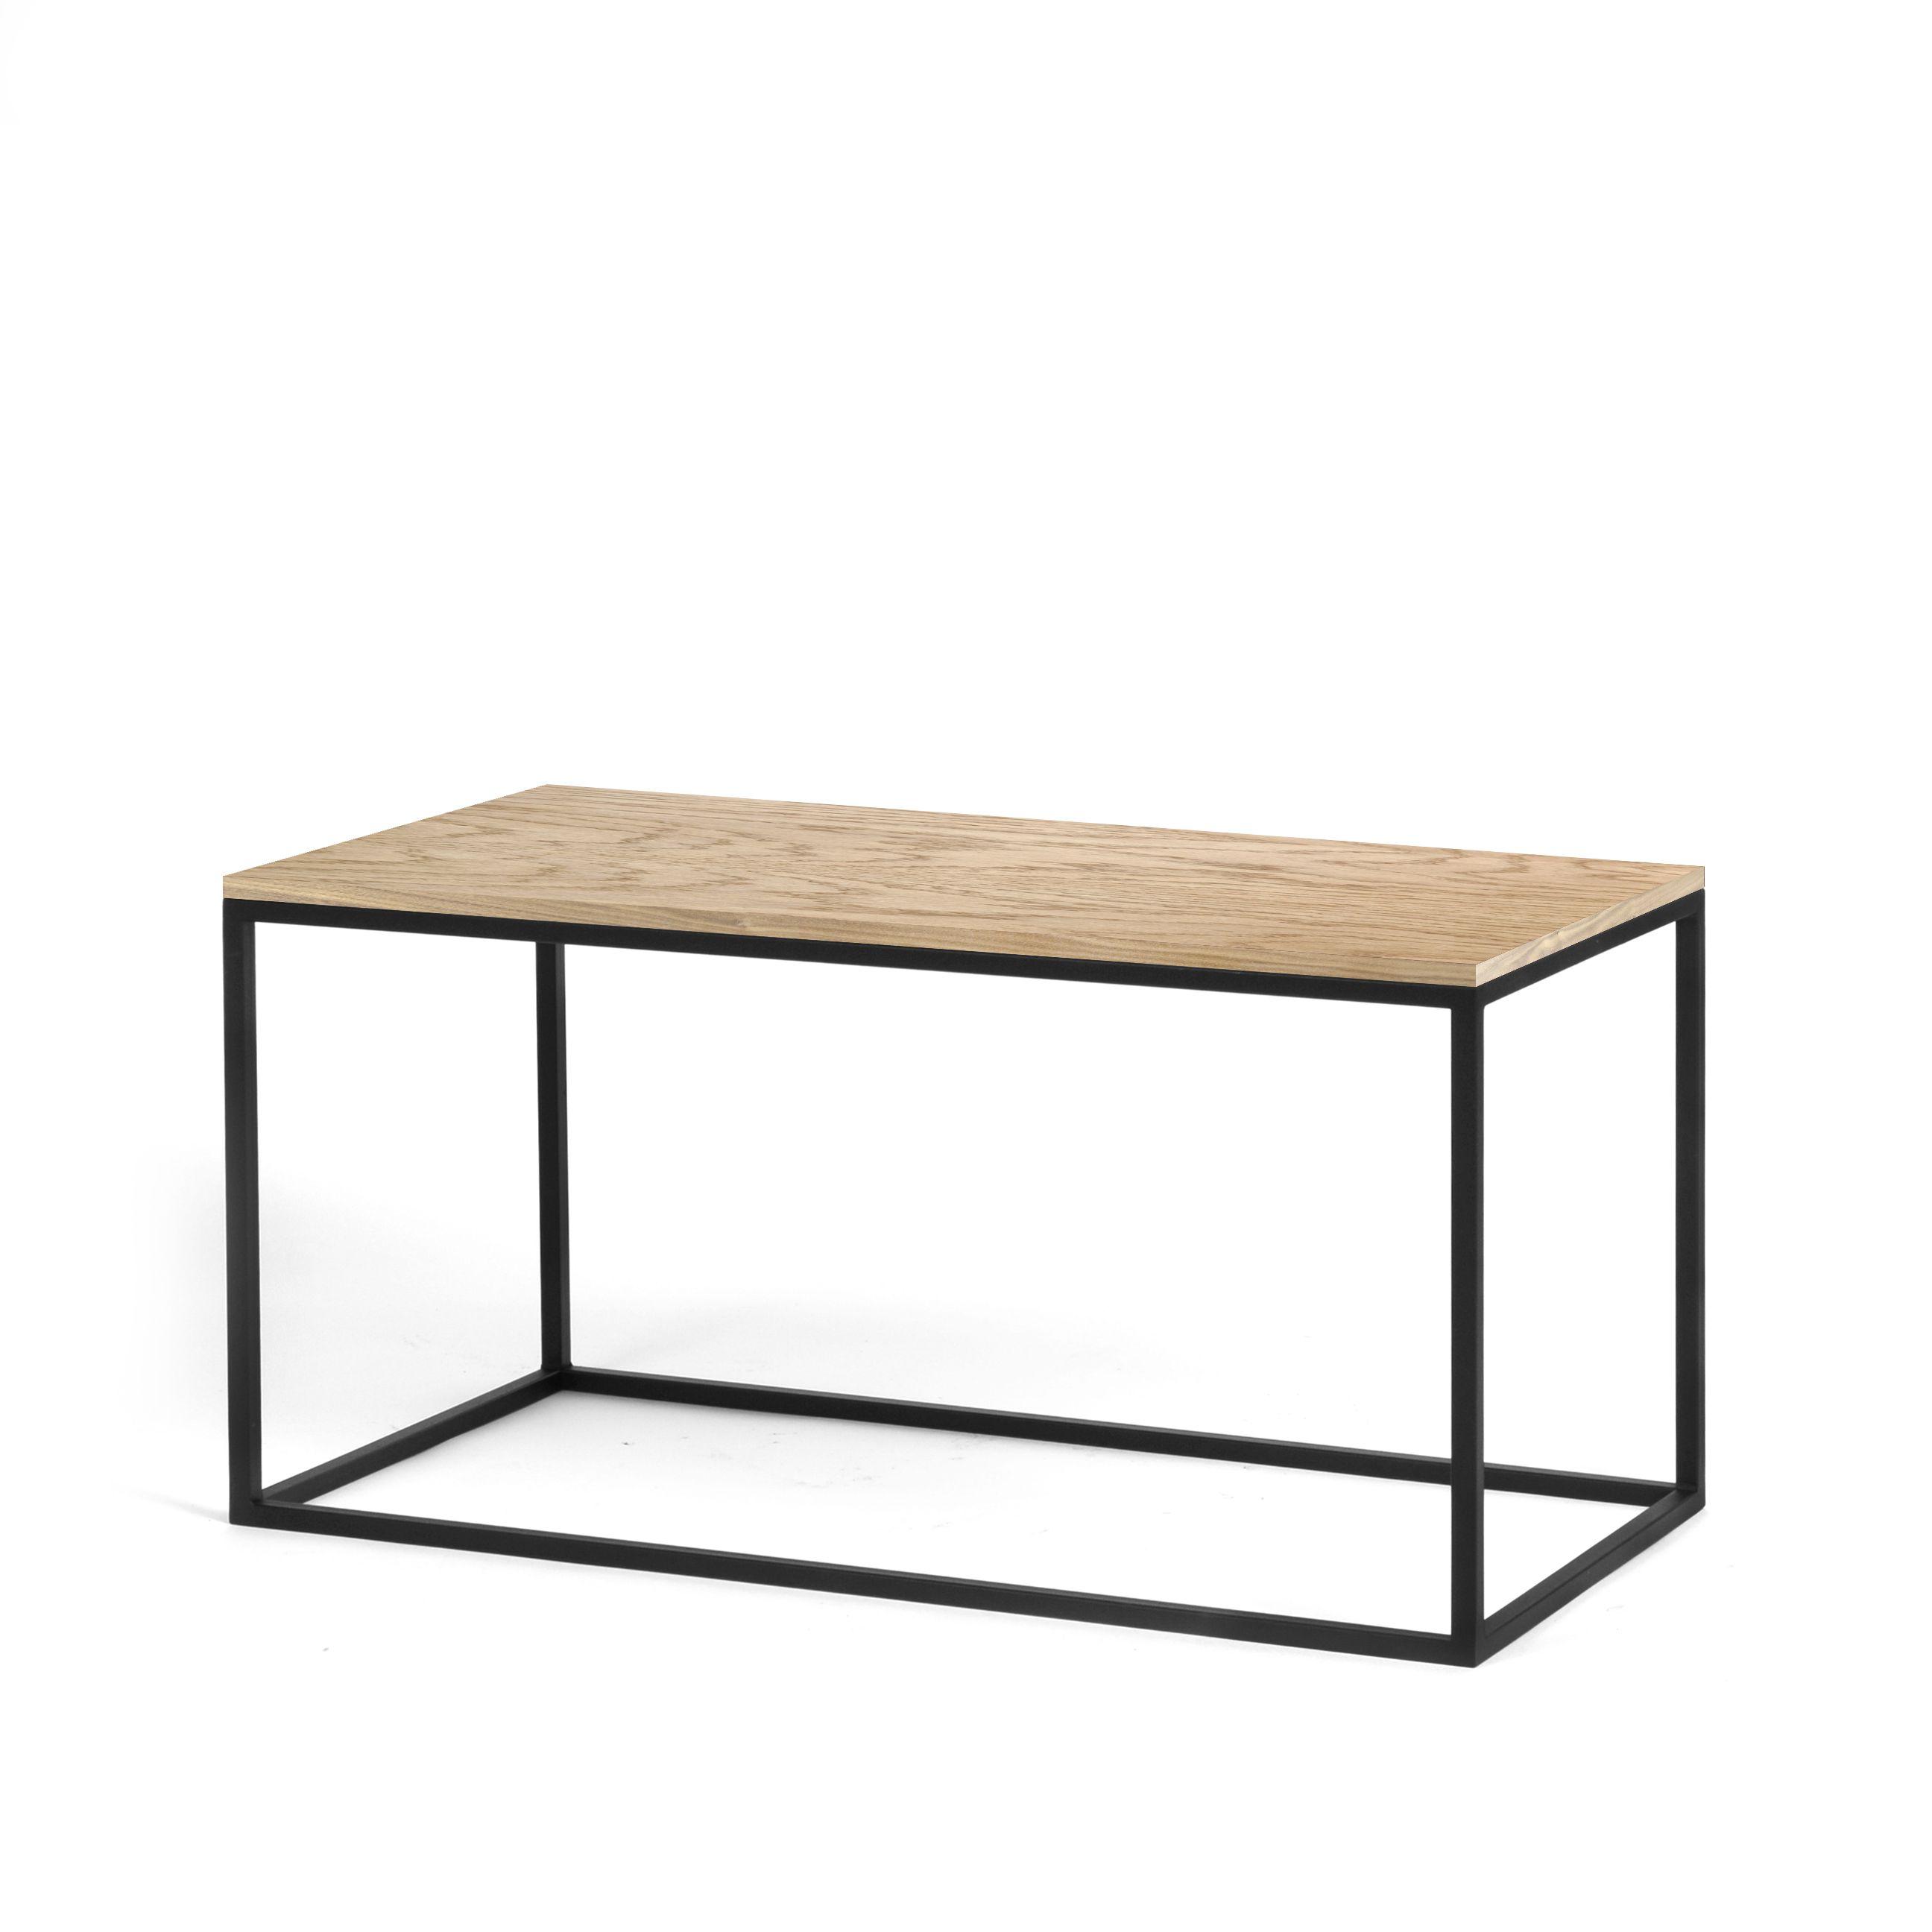 Журнальный/кофейный столик Darmian, светлый дубЖурнальные столики<br><br>